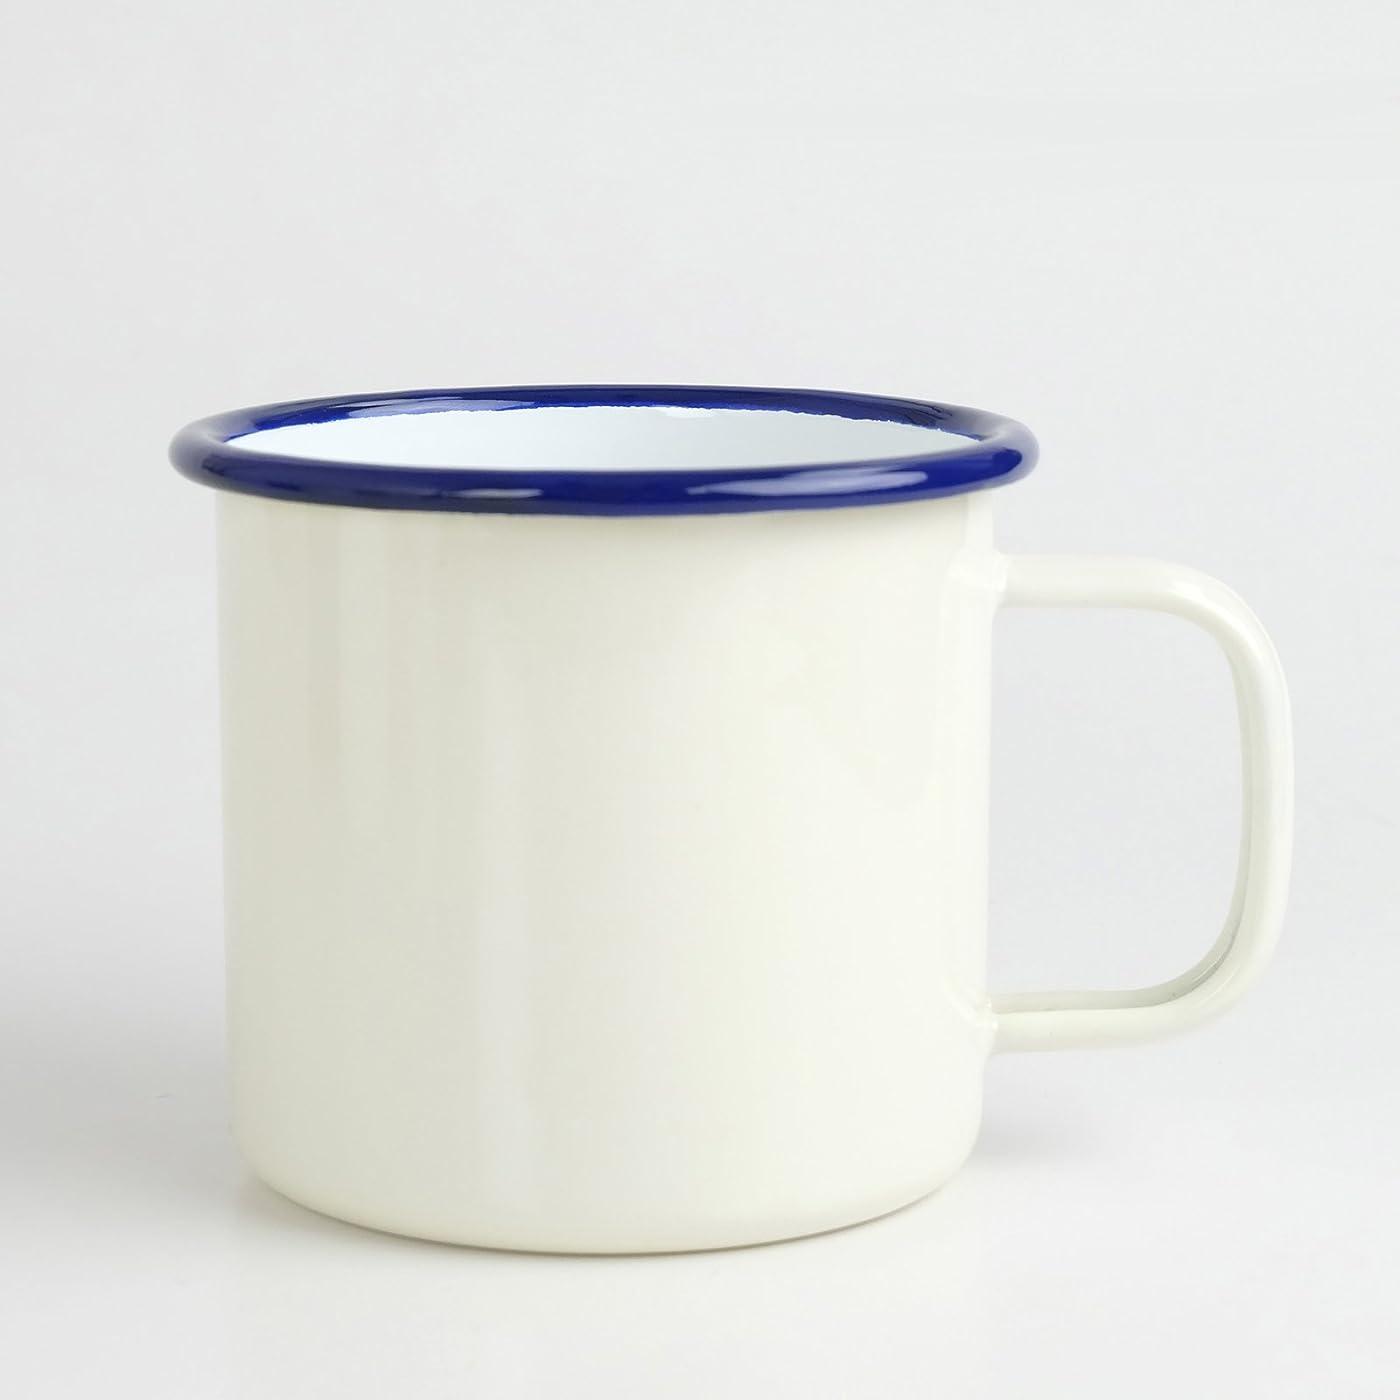 たぶん概念請願者shasta(シャスタ) ホーローマグカップ 520ml アイボリー マイカップ  インテリア アウトドア 直火可 オーブン可 食洗器対応 TWA-C-049IV